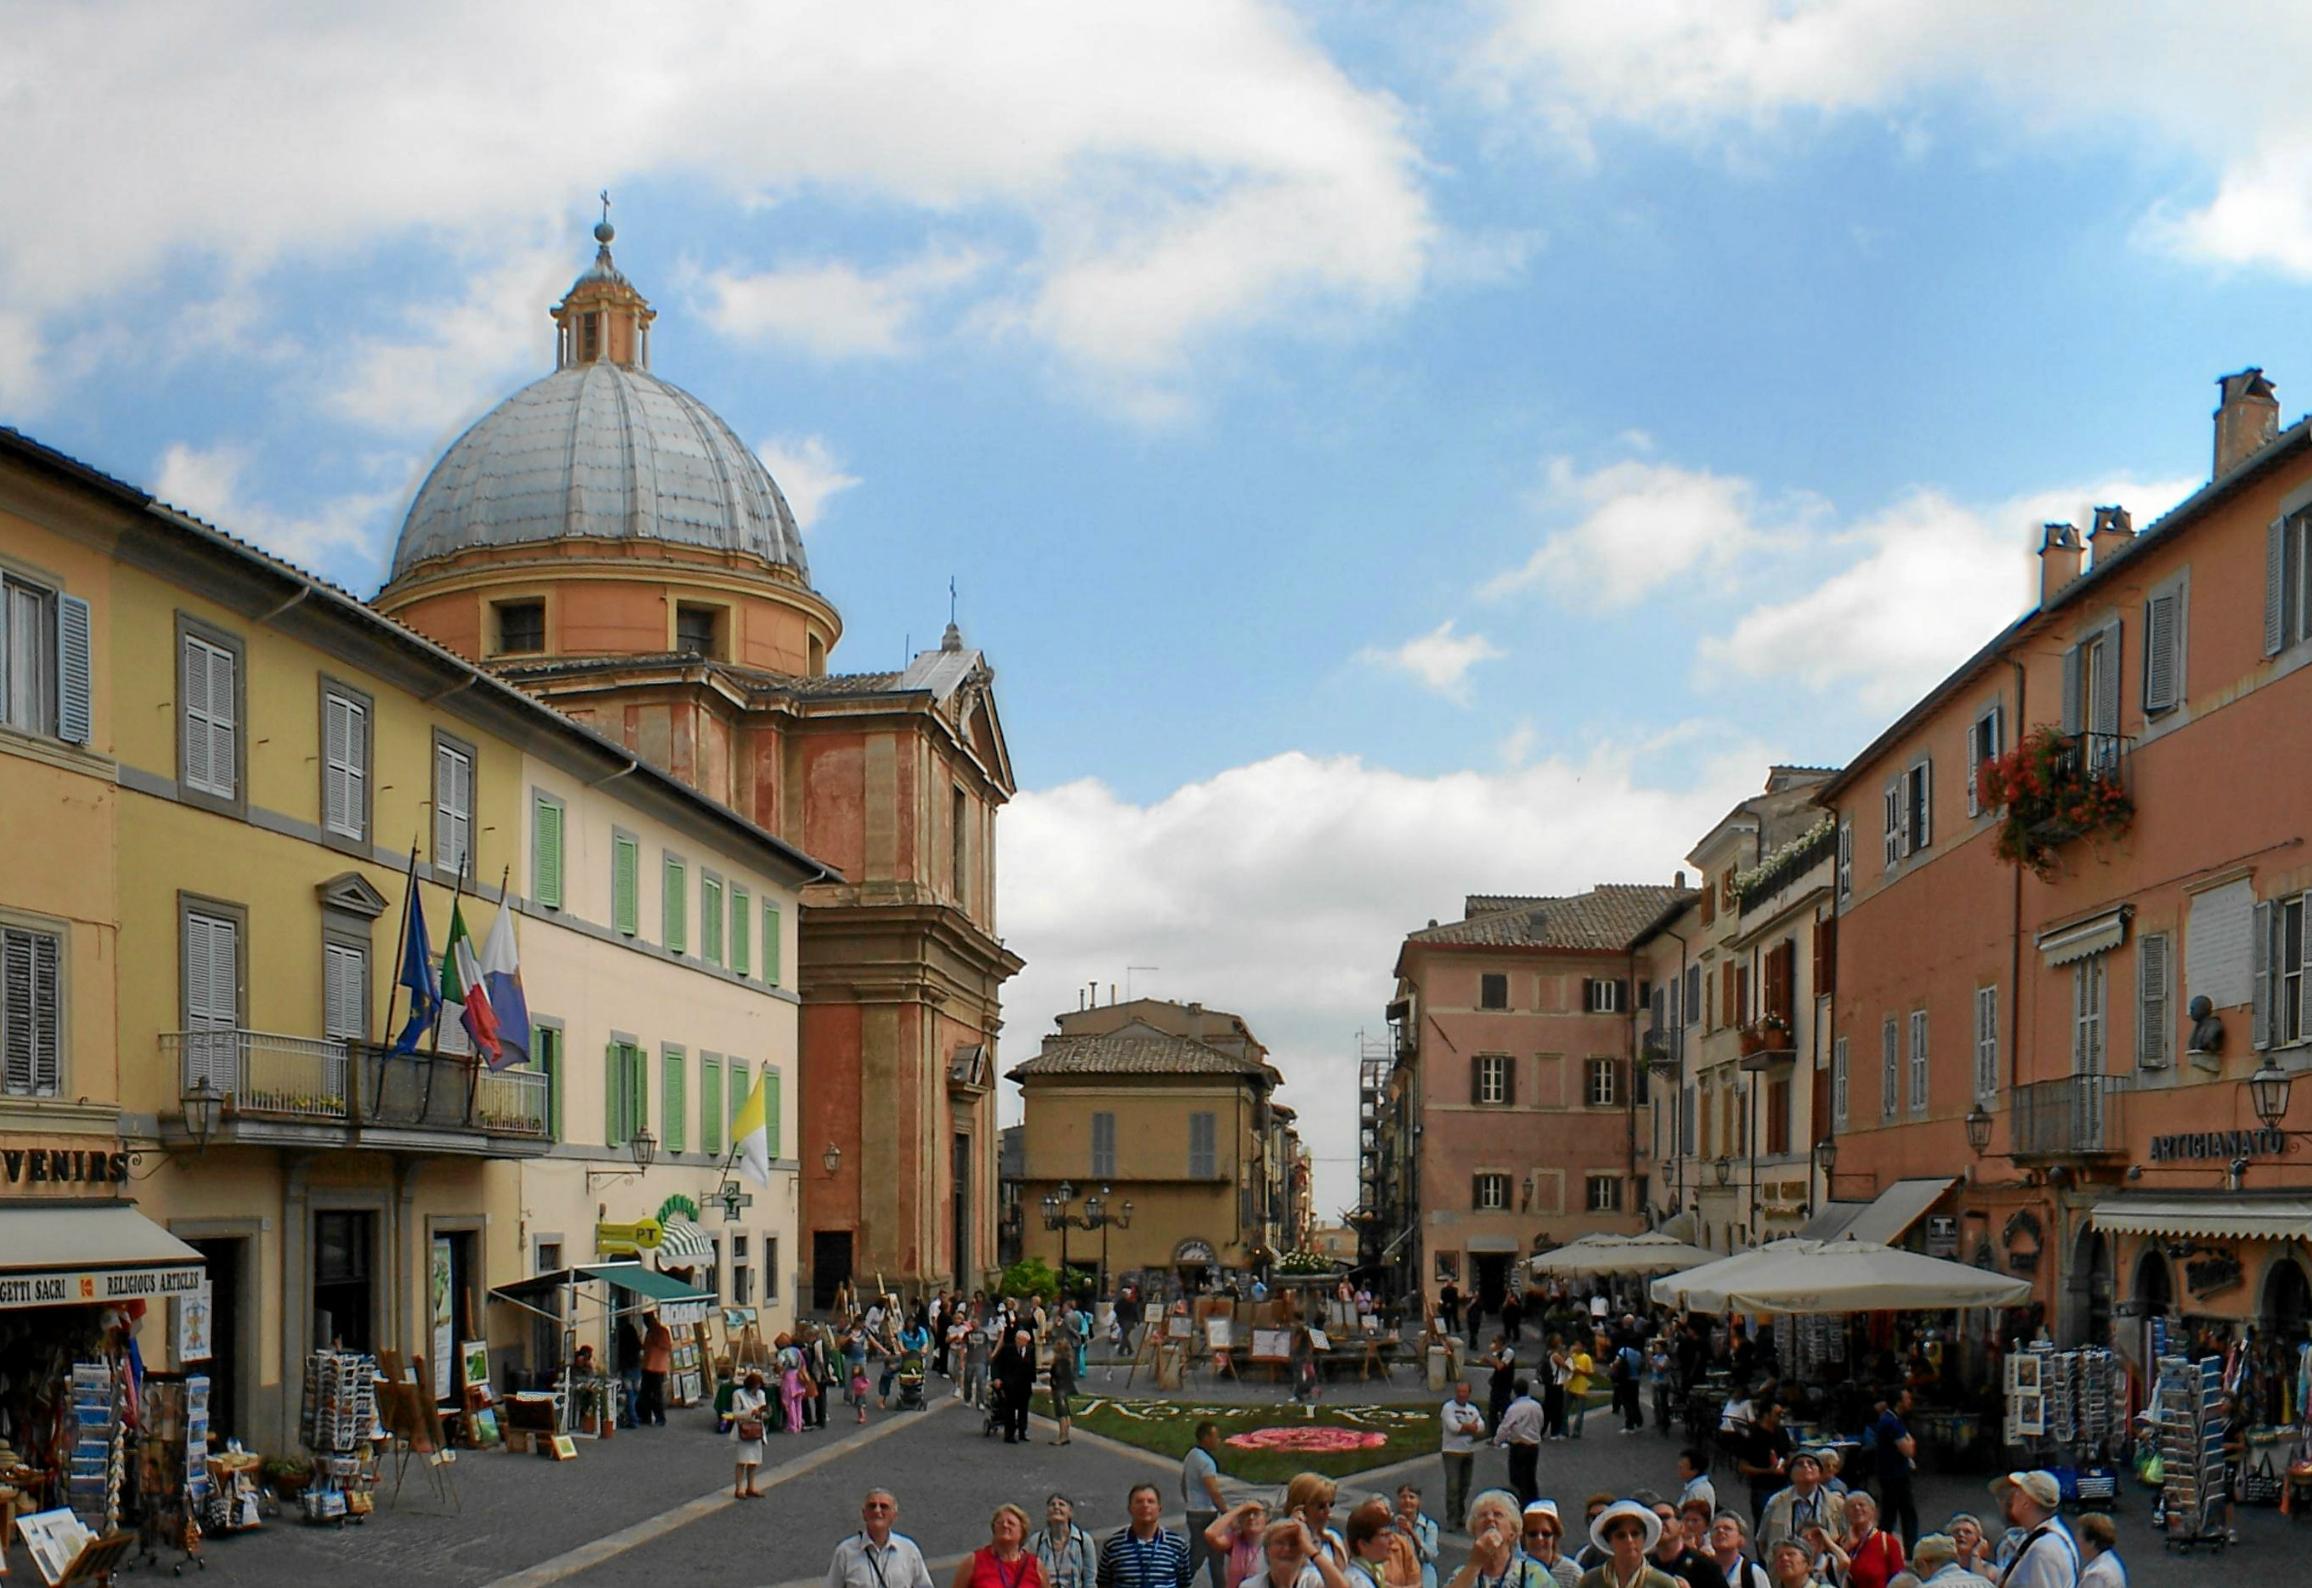 Piazza della Libertà in Castel Gandolfo with the collegiate church of San Tommaso (left)